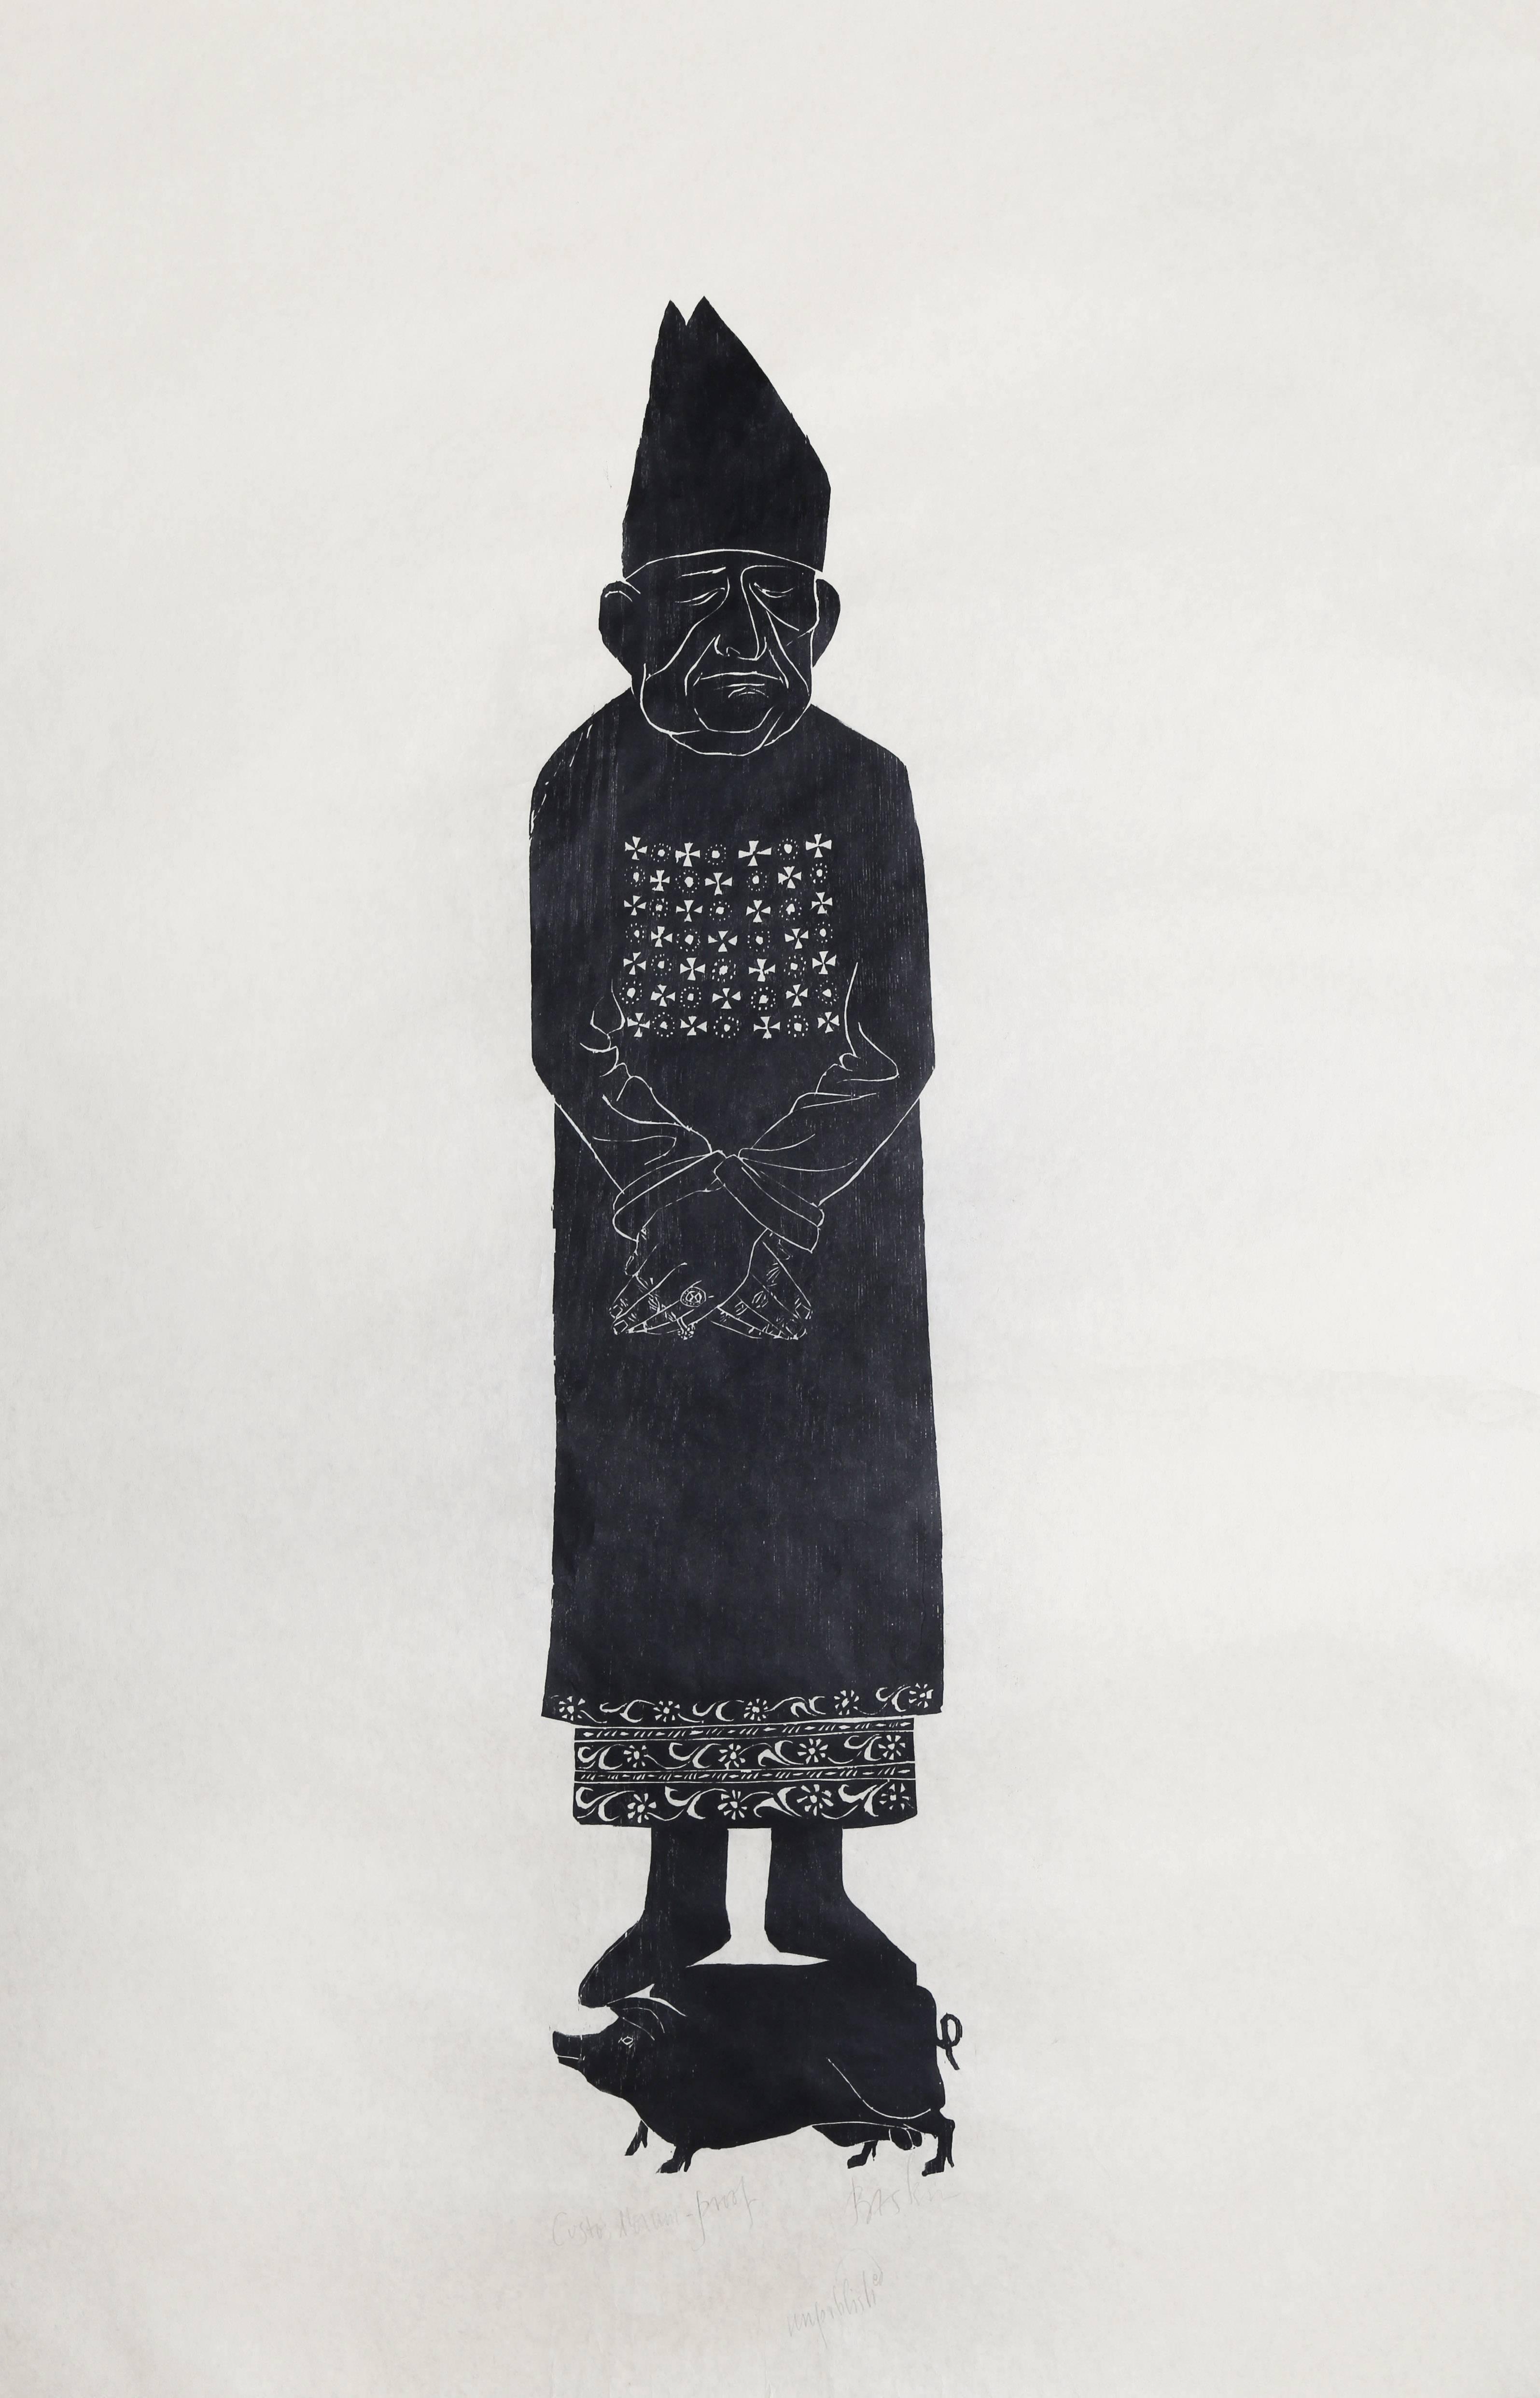 """""""Custos Morum (Guardian of Morals)"""" Woodcut Print on Rice Paper, circa 1950"""